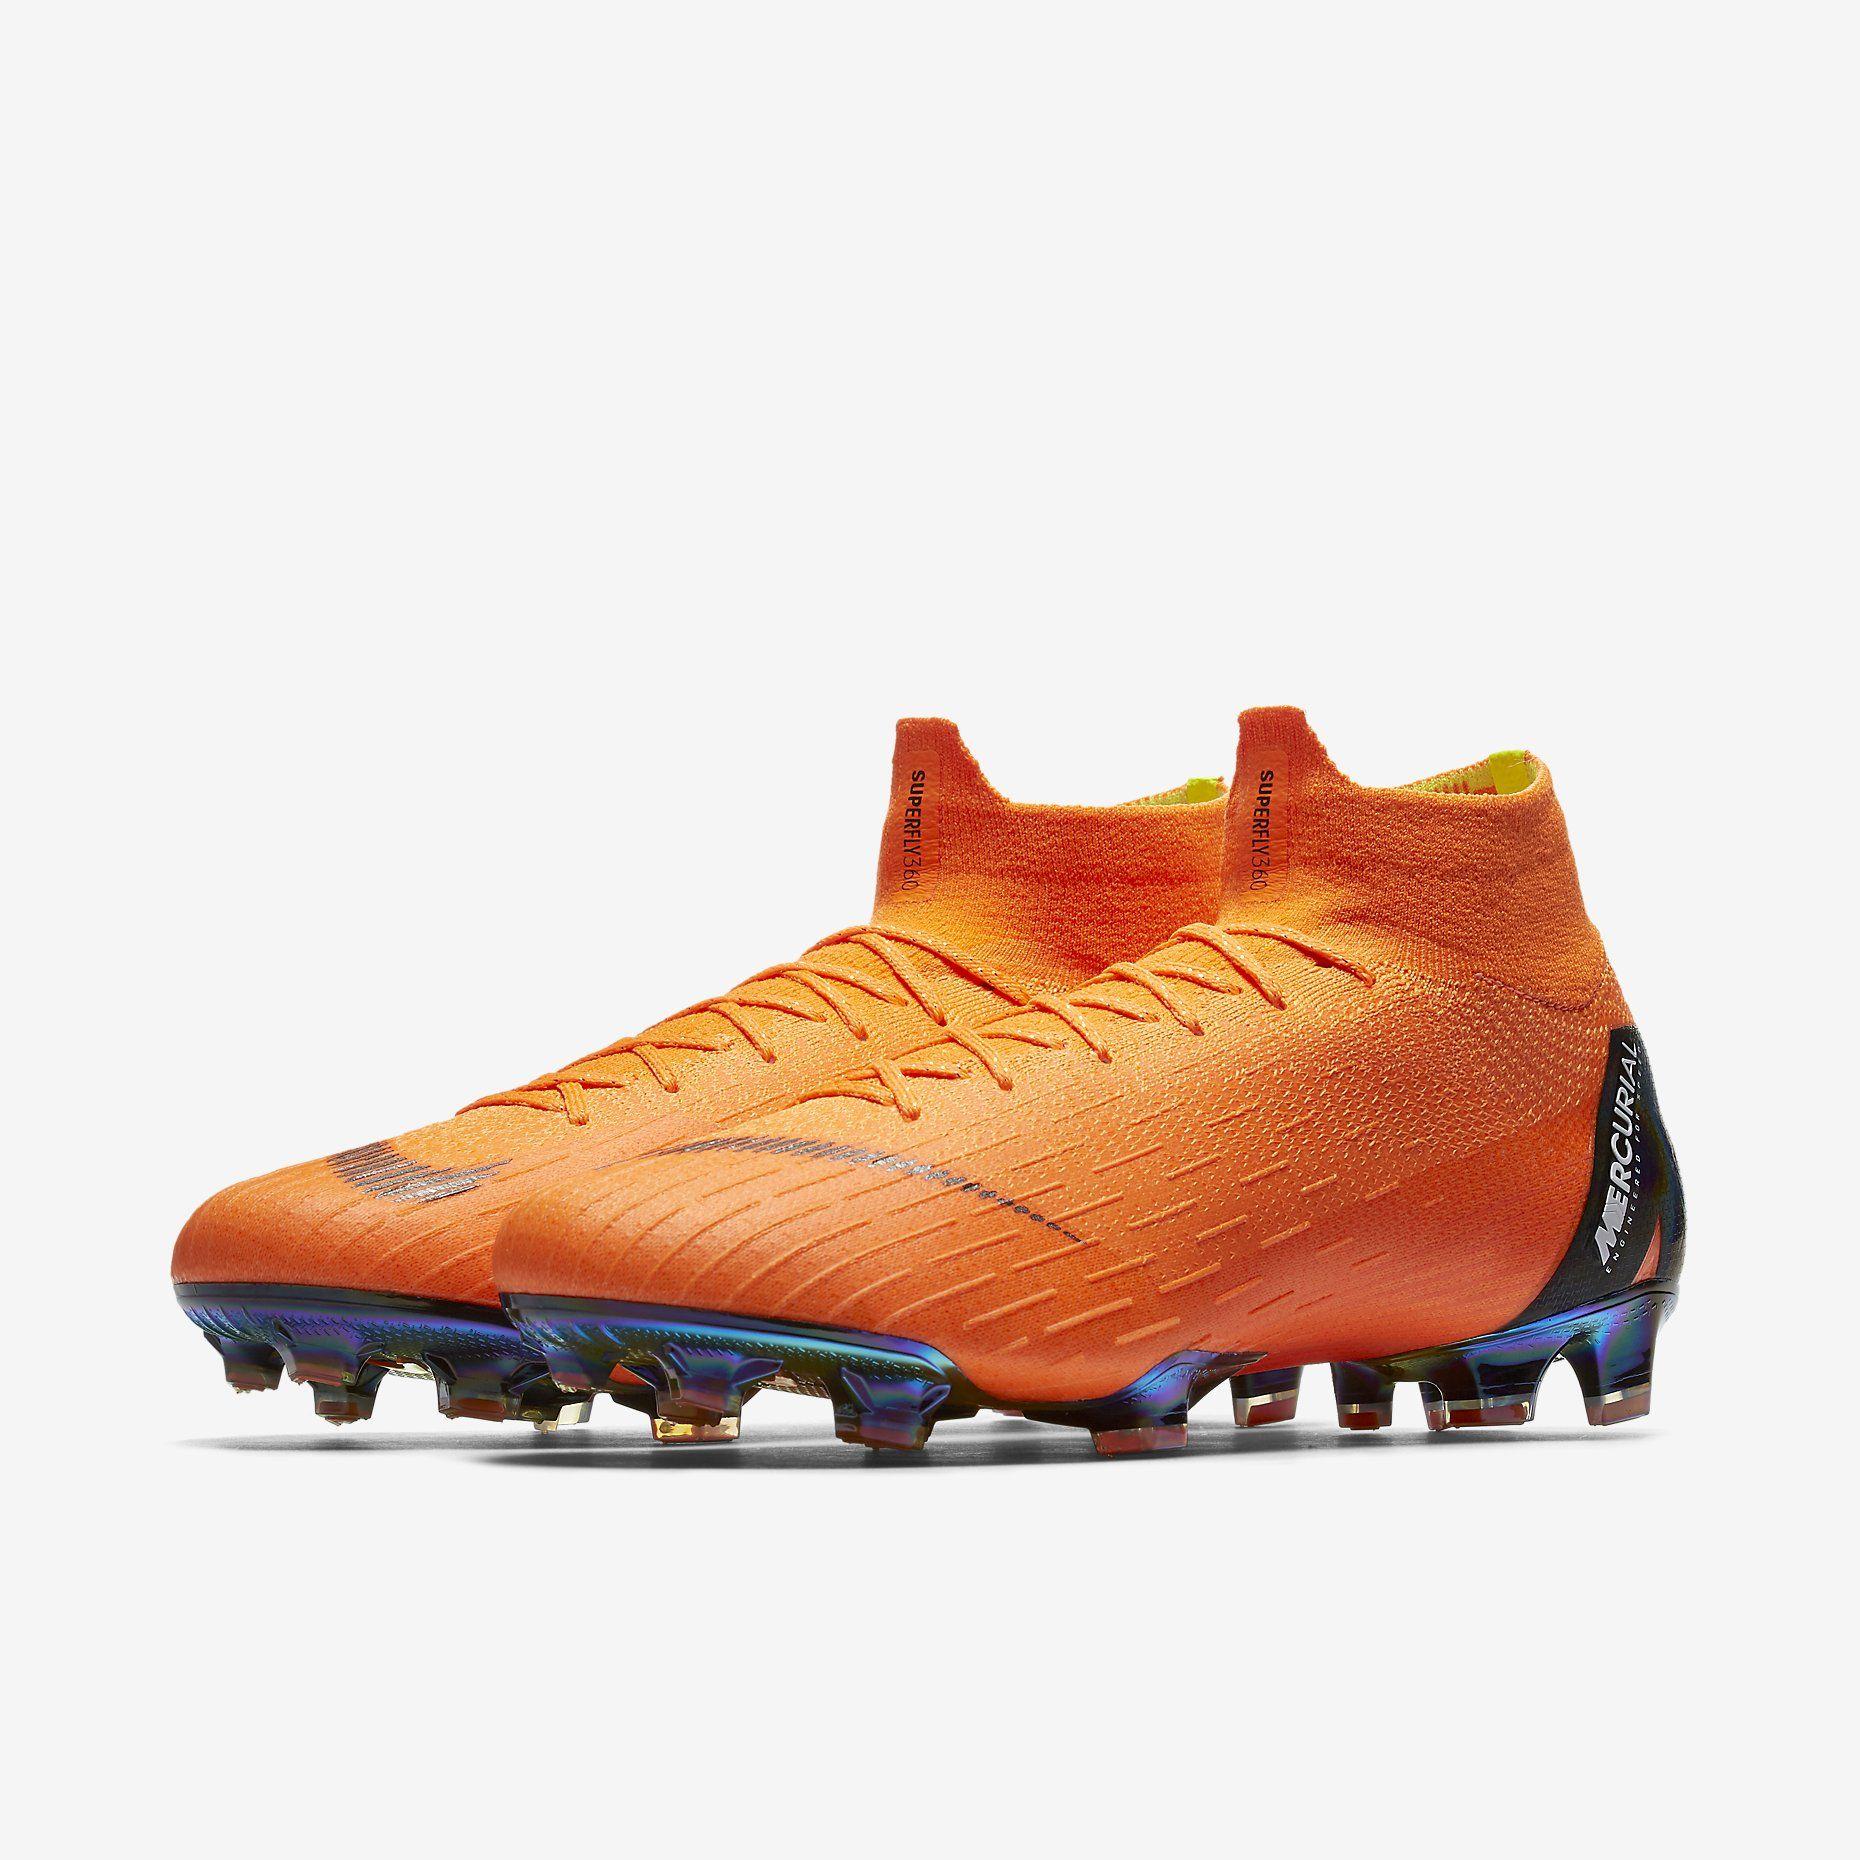 Nike Schuhe Herren | Mercurial Vapor Elite Fg Total Orange